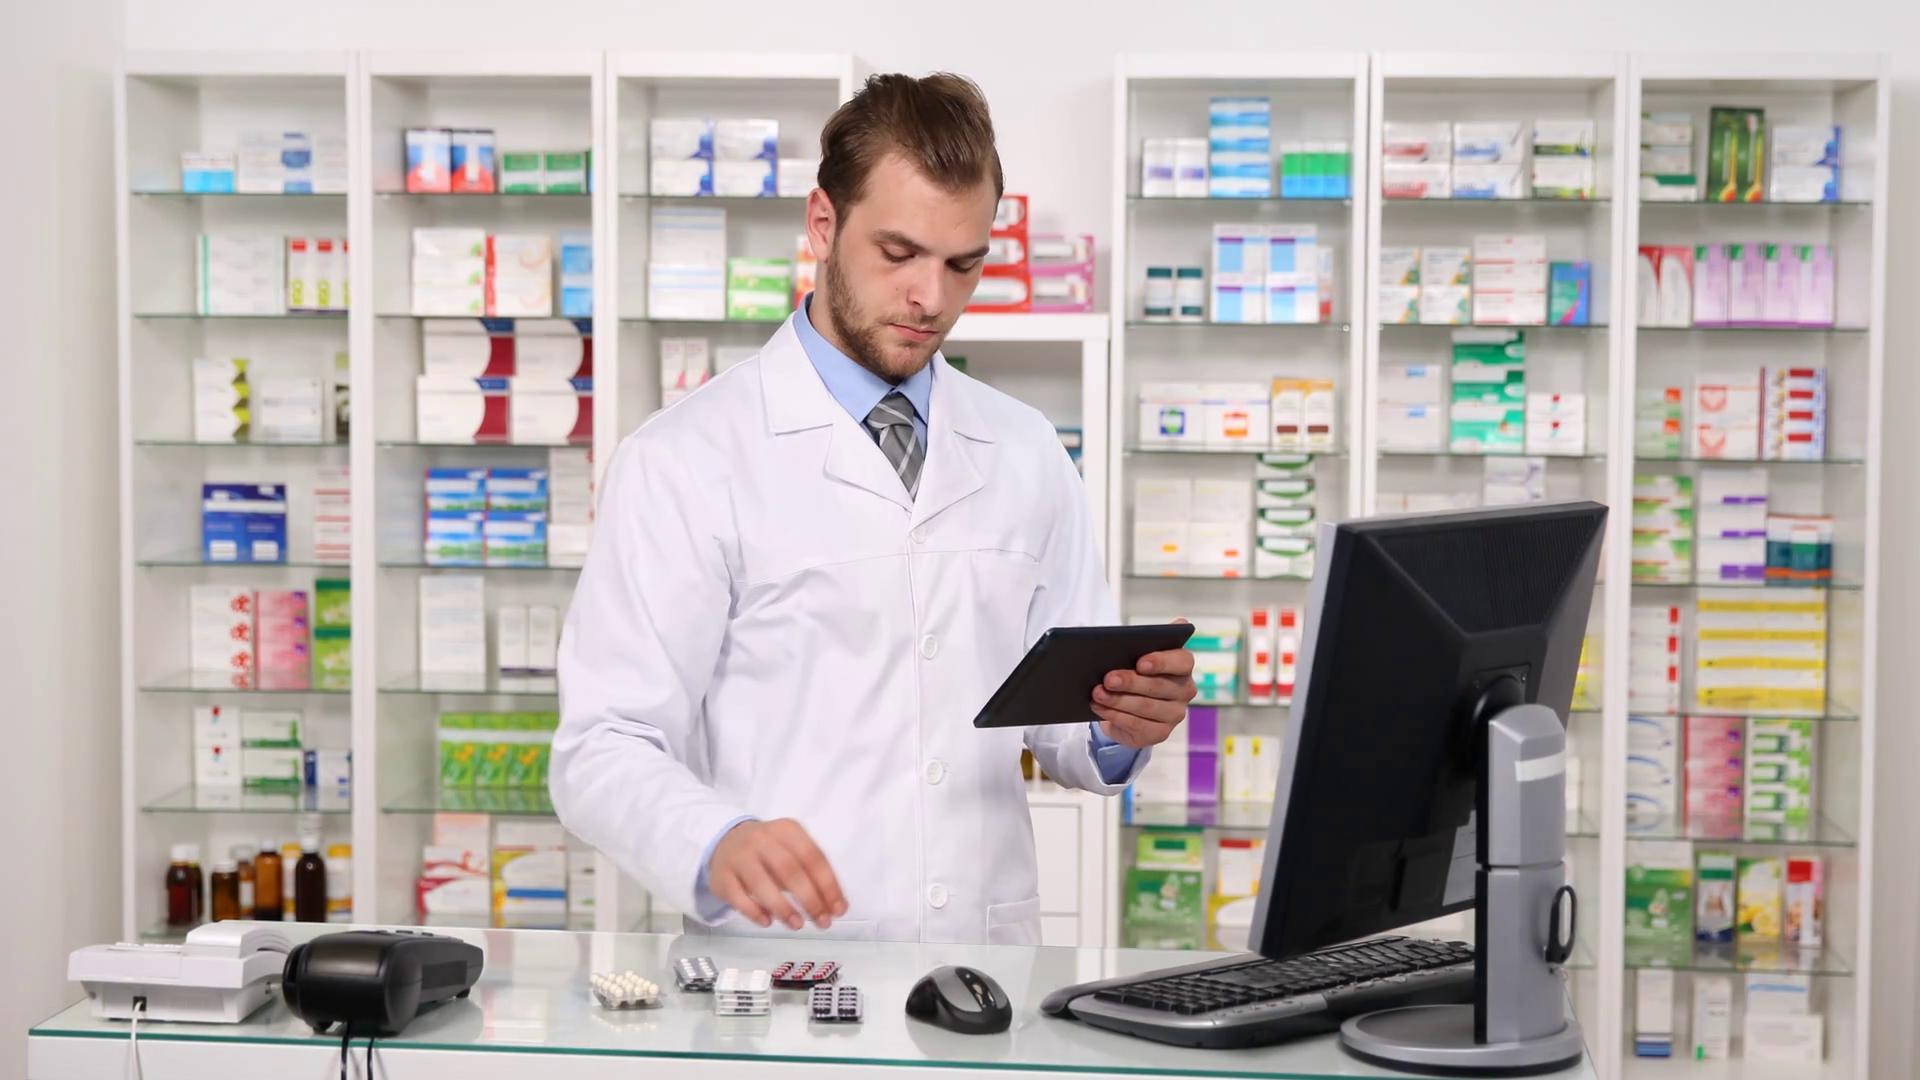 Частные клиники боятся штрафов при переходе на онлайн-кассы